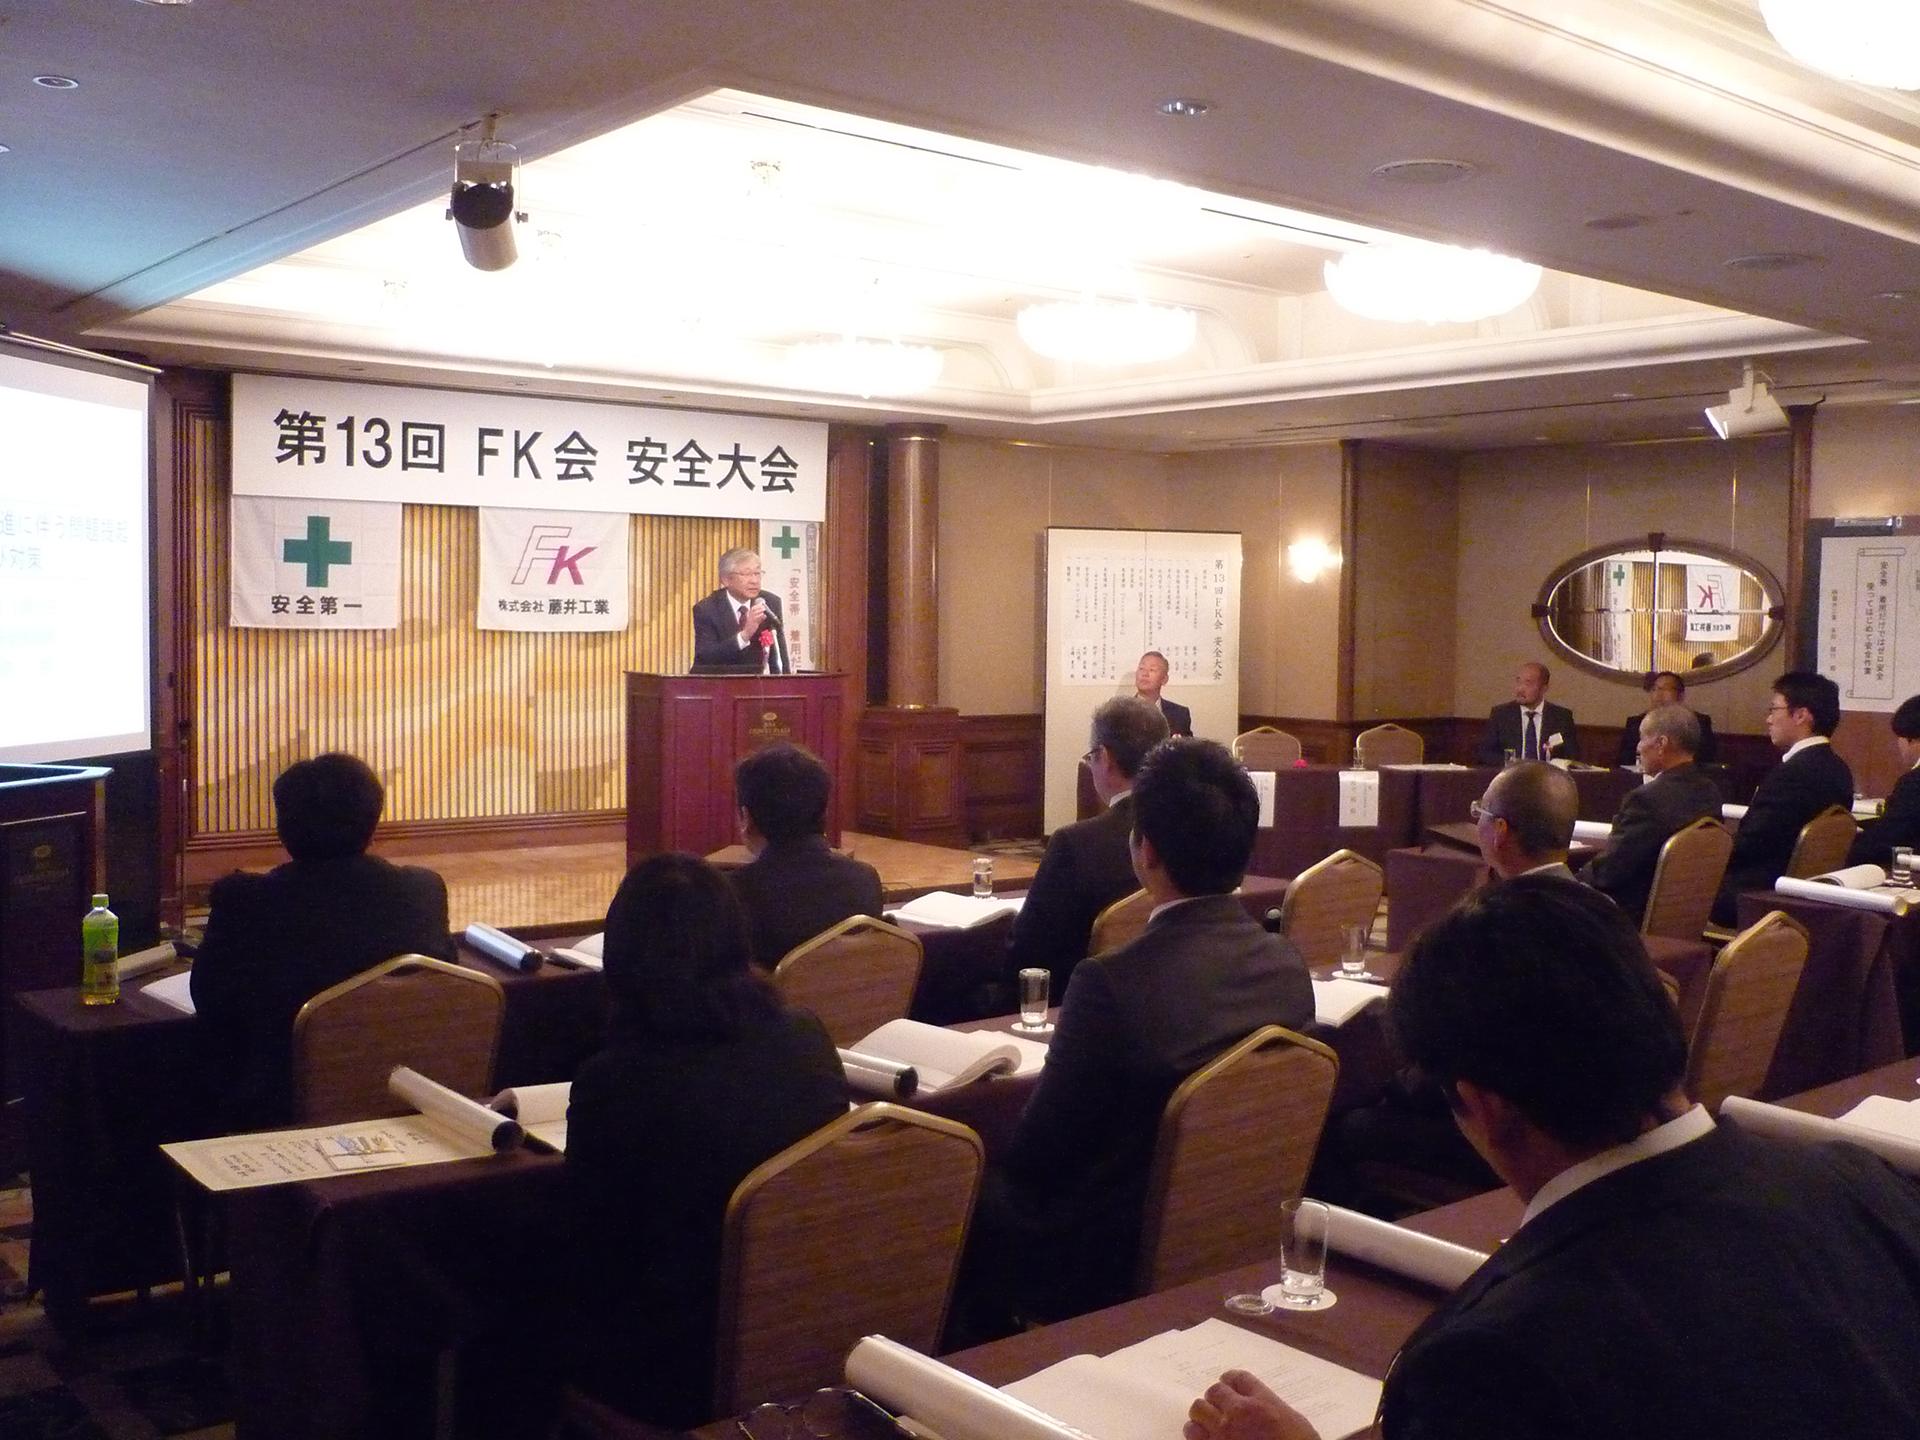 藤井工業主催【安全大会】が開催されました。